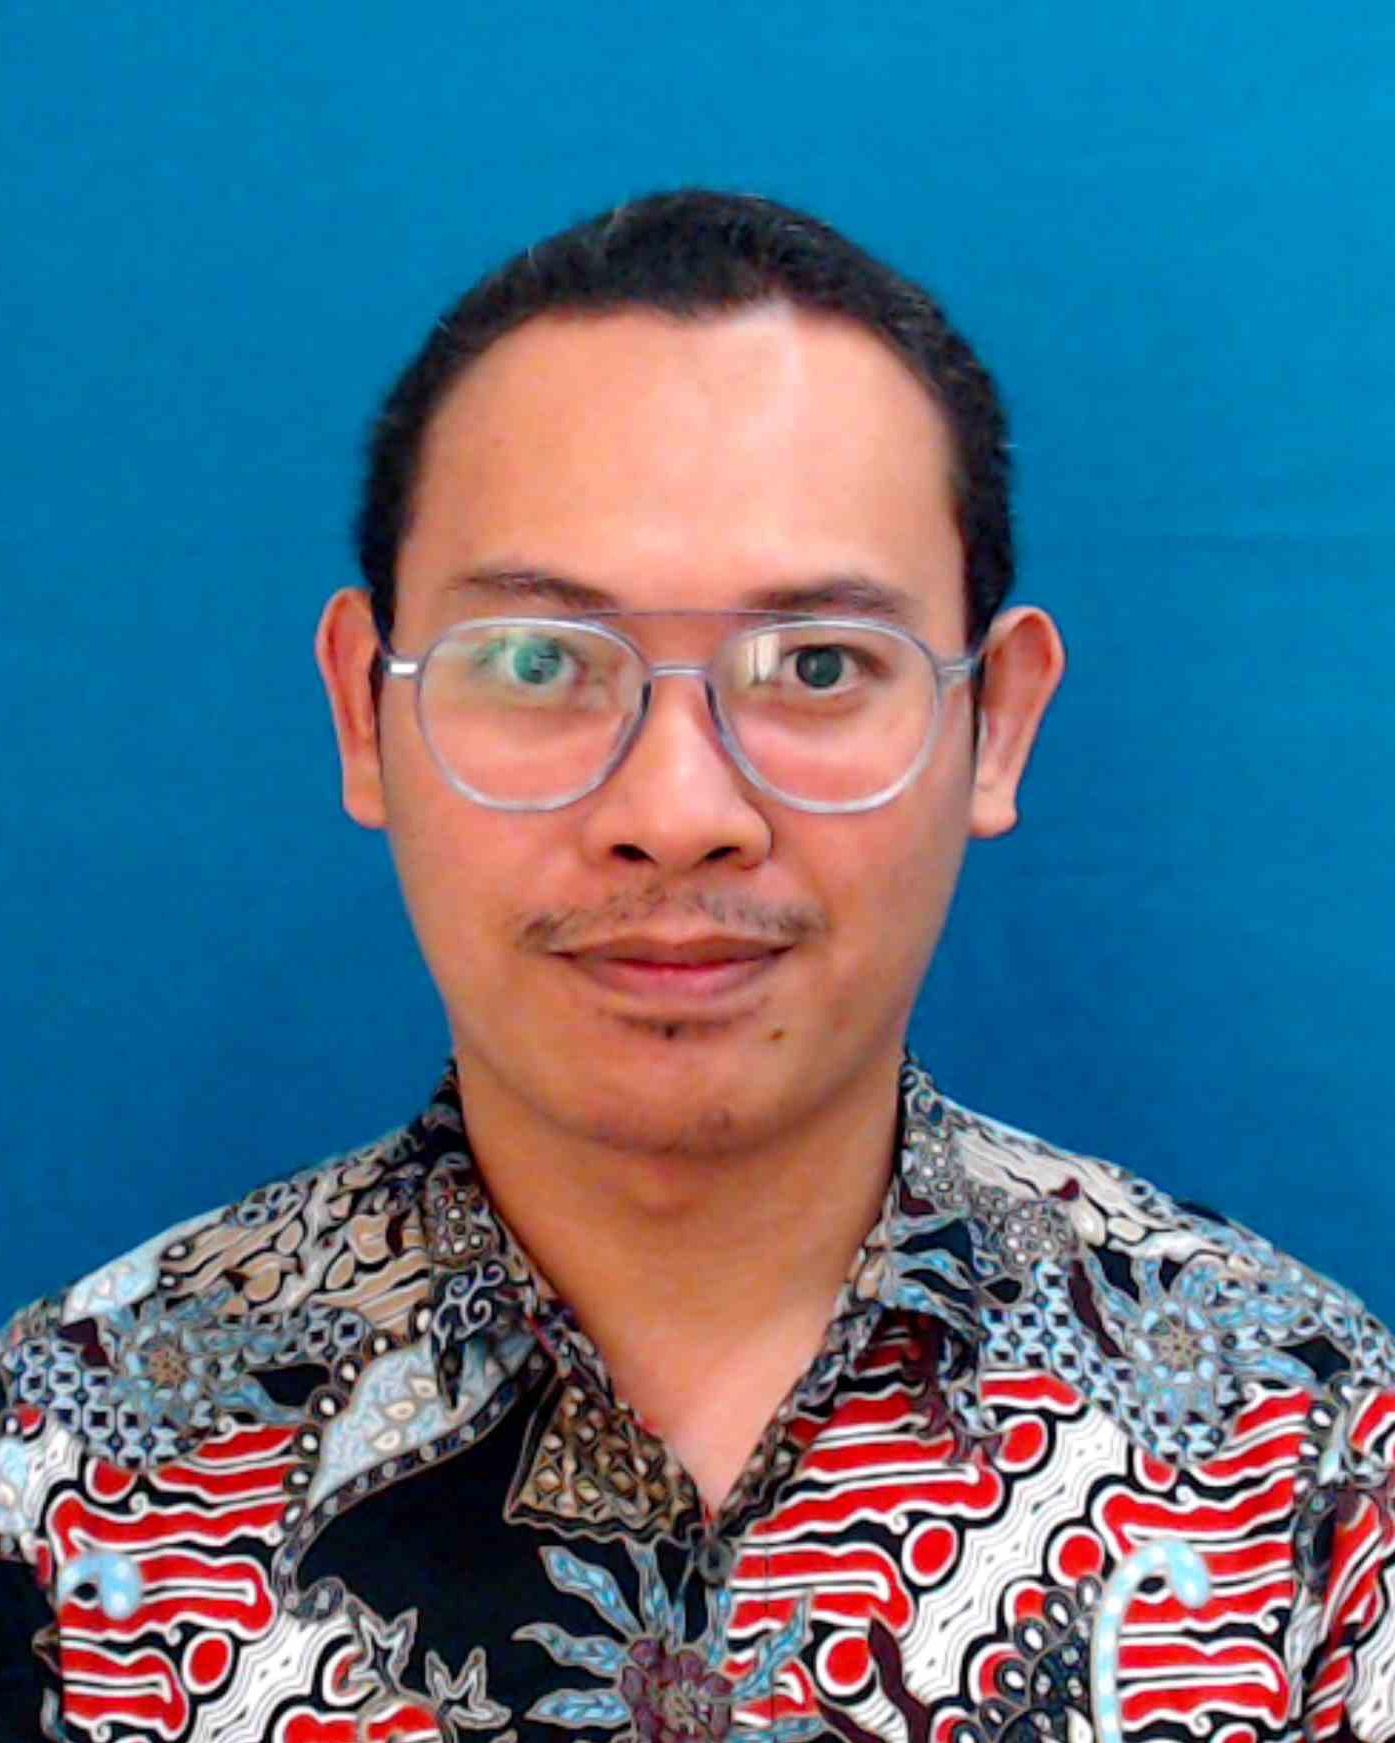 Wan Ahmad Khairi Bin Wan Ahmad